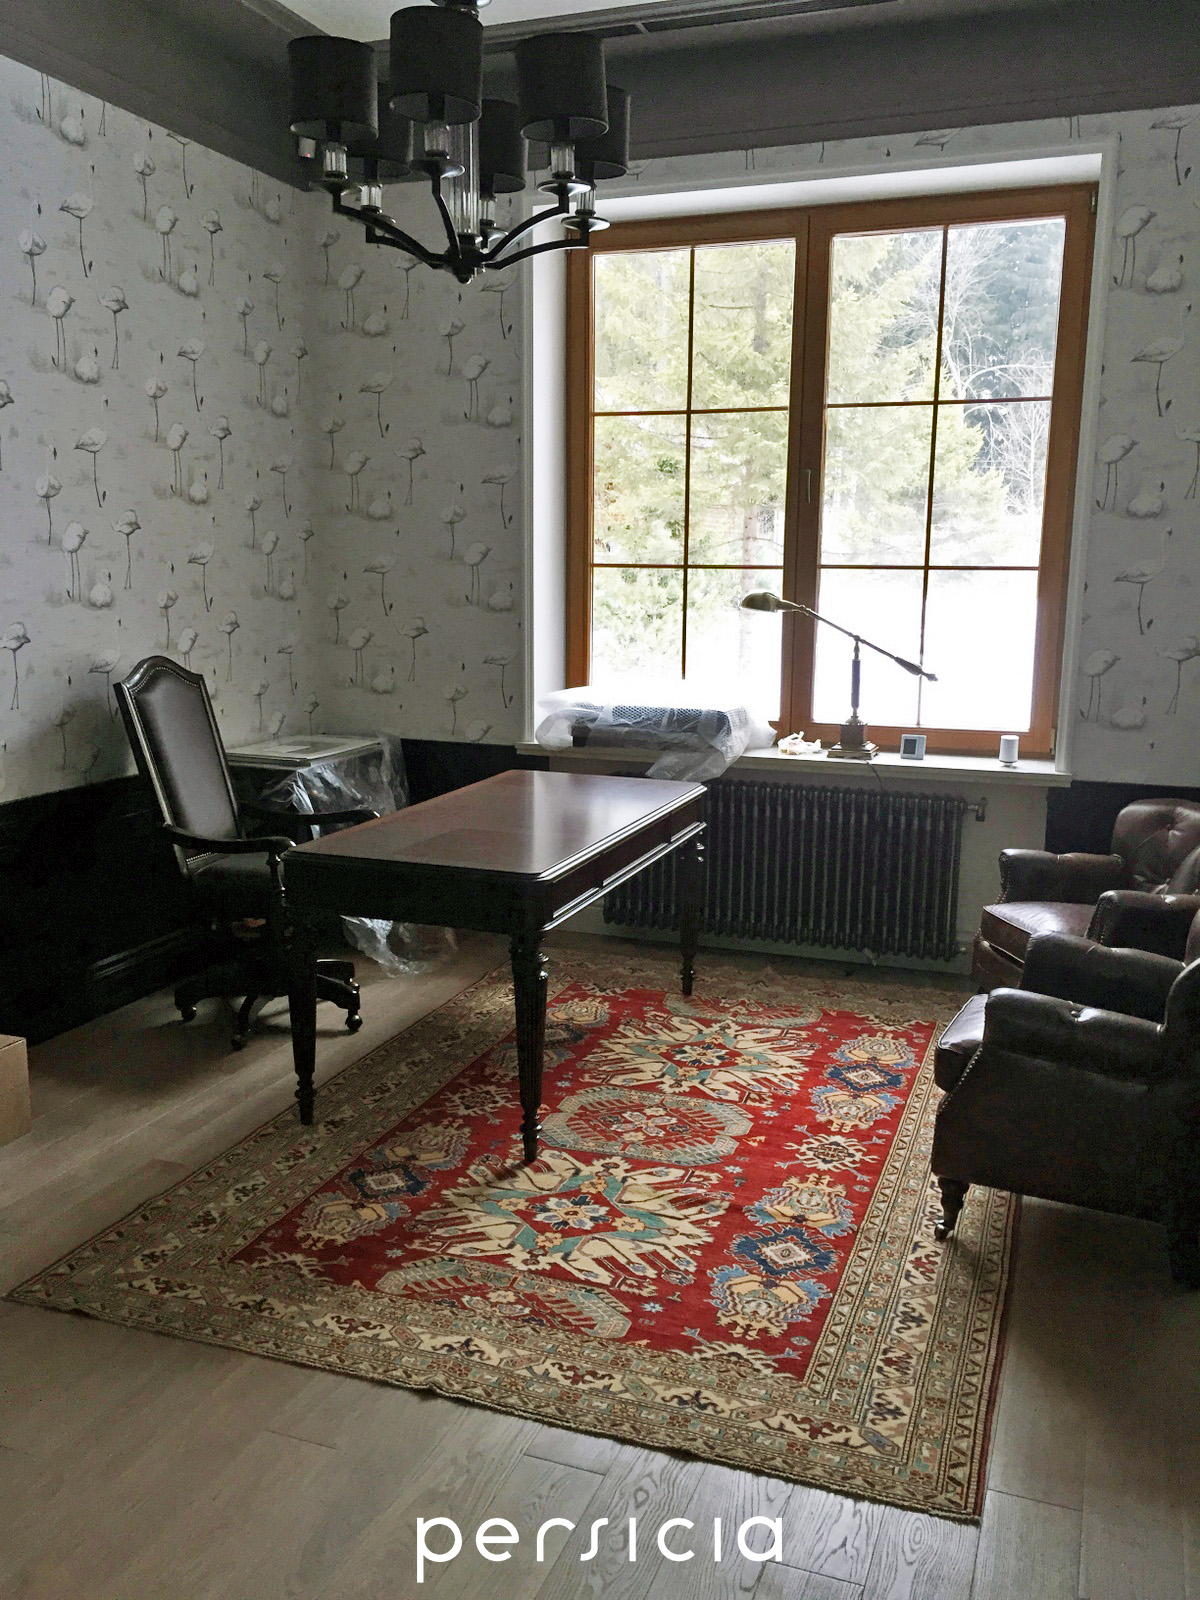 Яркие ковры в кабинет |Ковры Казах (Казак) | Азербайджанские ковры | Афганские ковры | Kazakh Persicia